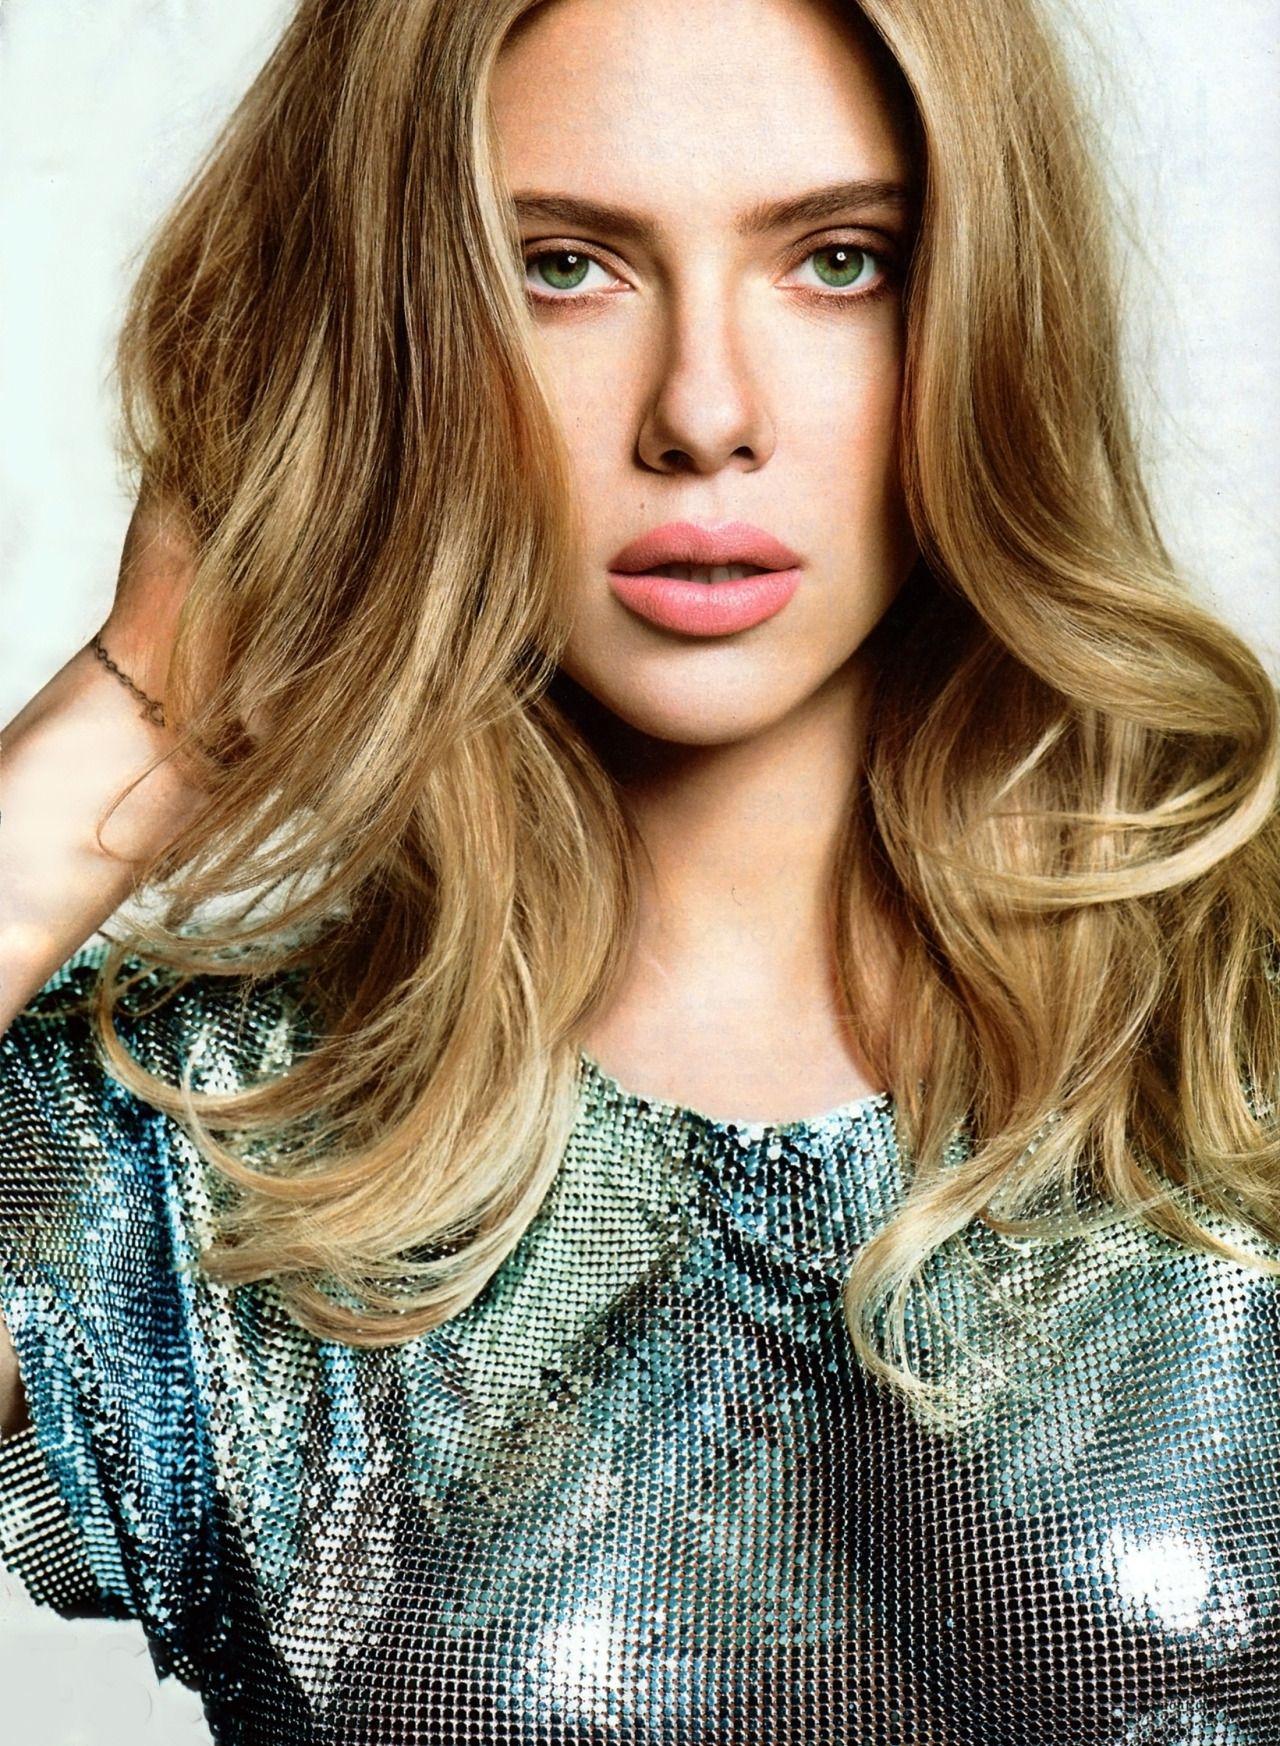 Scarlett Johansson. スカーレット・ヨハンソン, 女性モデル, 女性